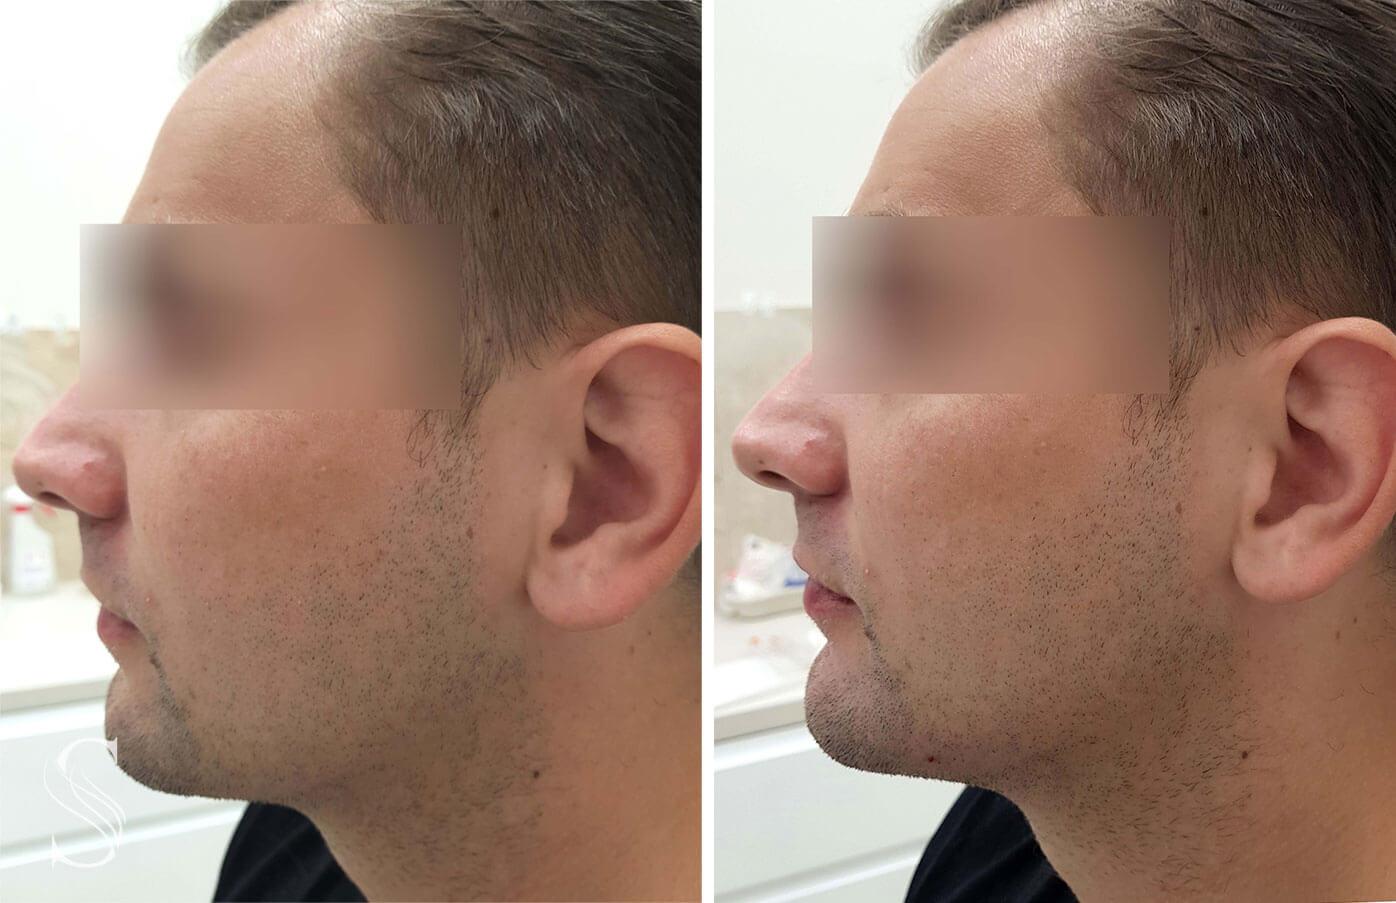 korekcja brody meskiej krakow - PRZED I PO